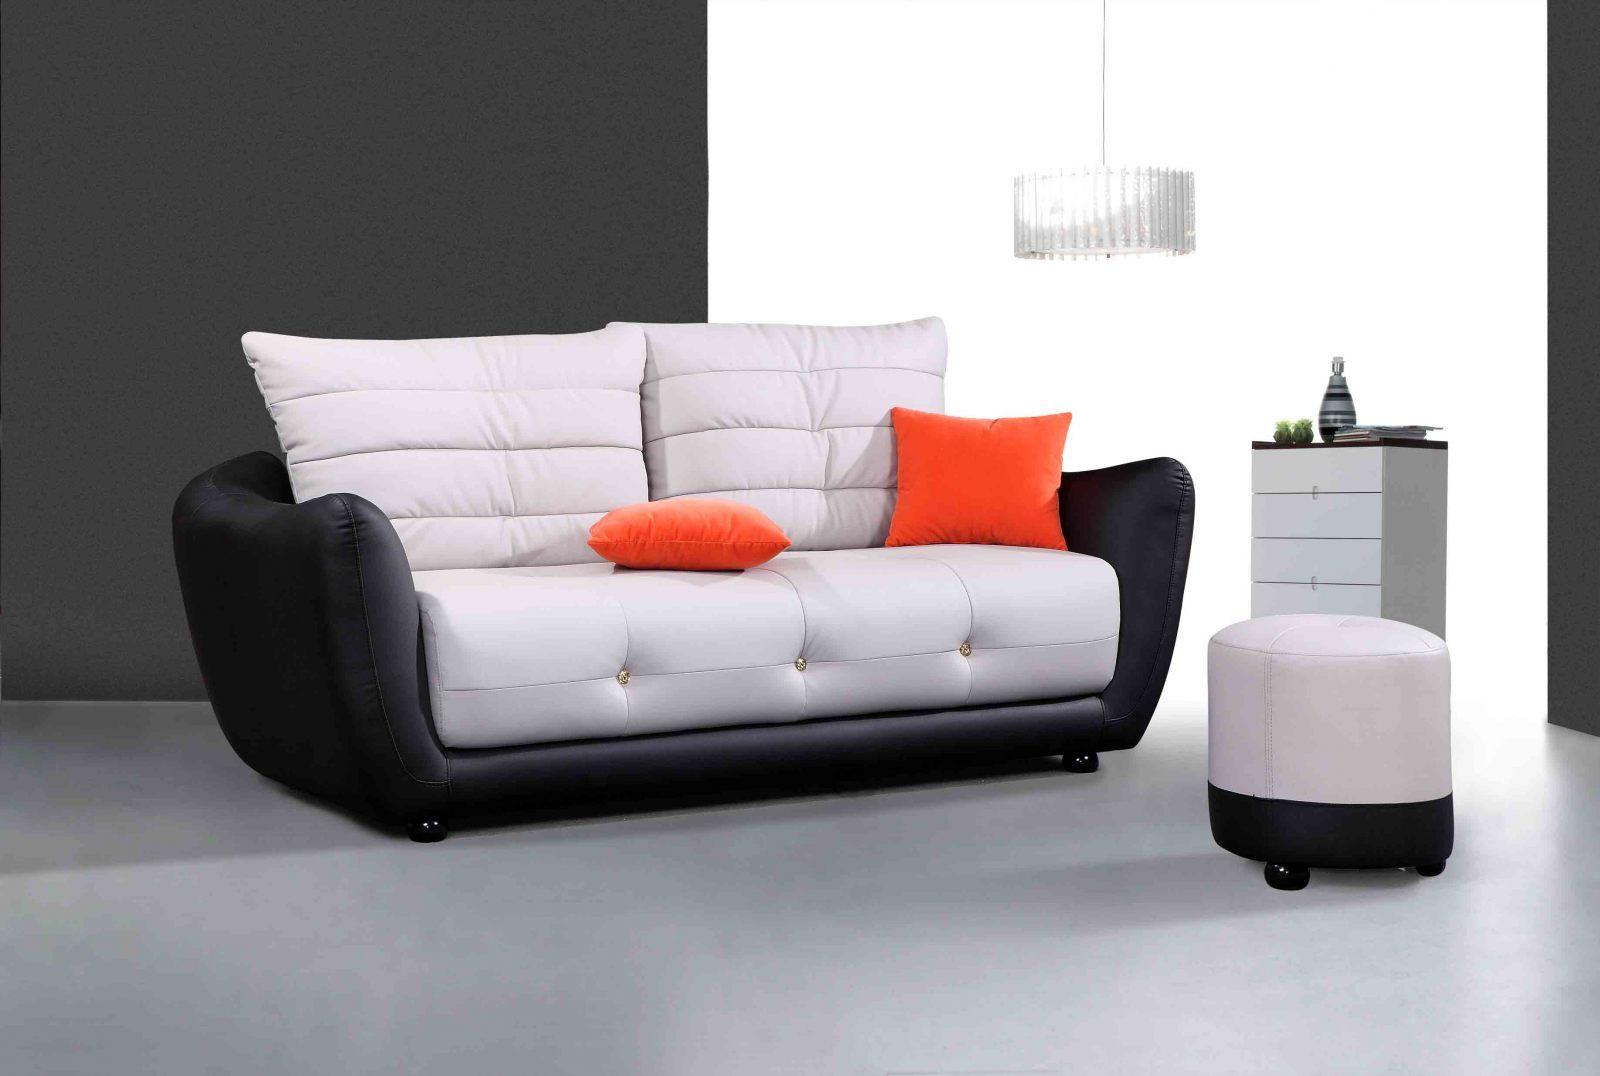 Sof moderno sof s modernos design de sof e id ias for Sala design moderno